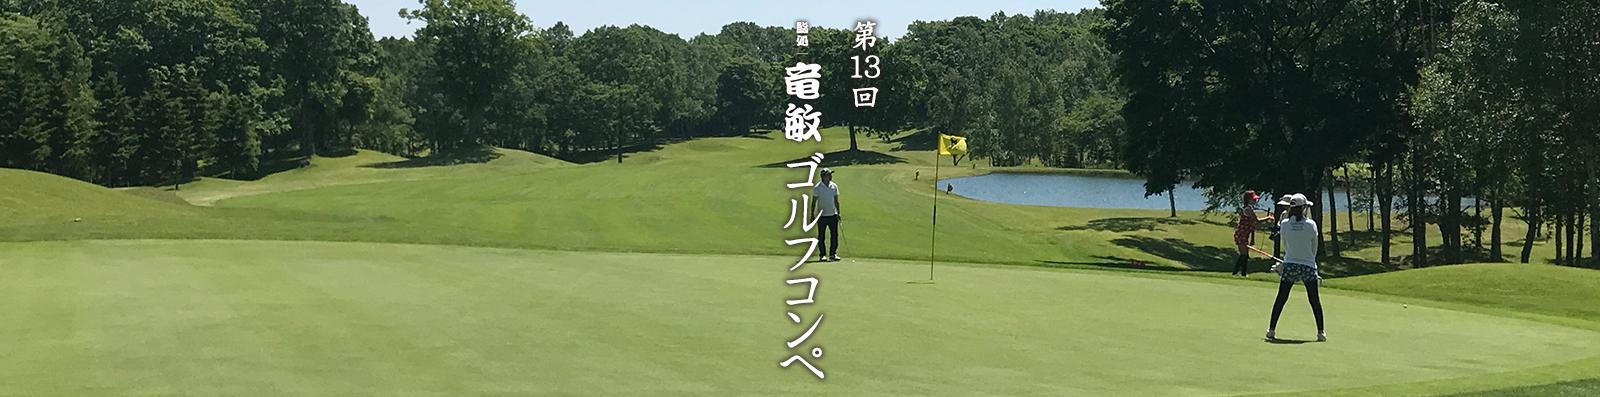 第13回 ゴルフコンペ開催報告